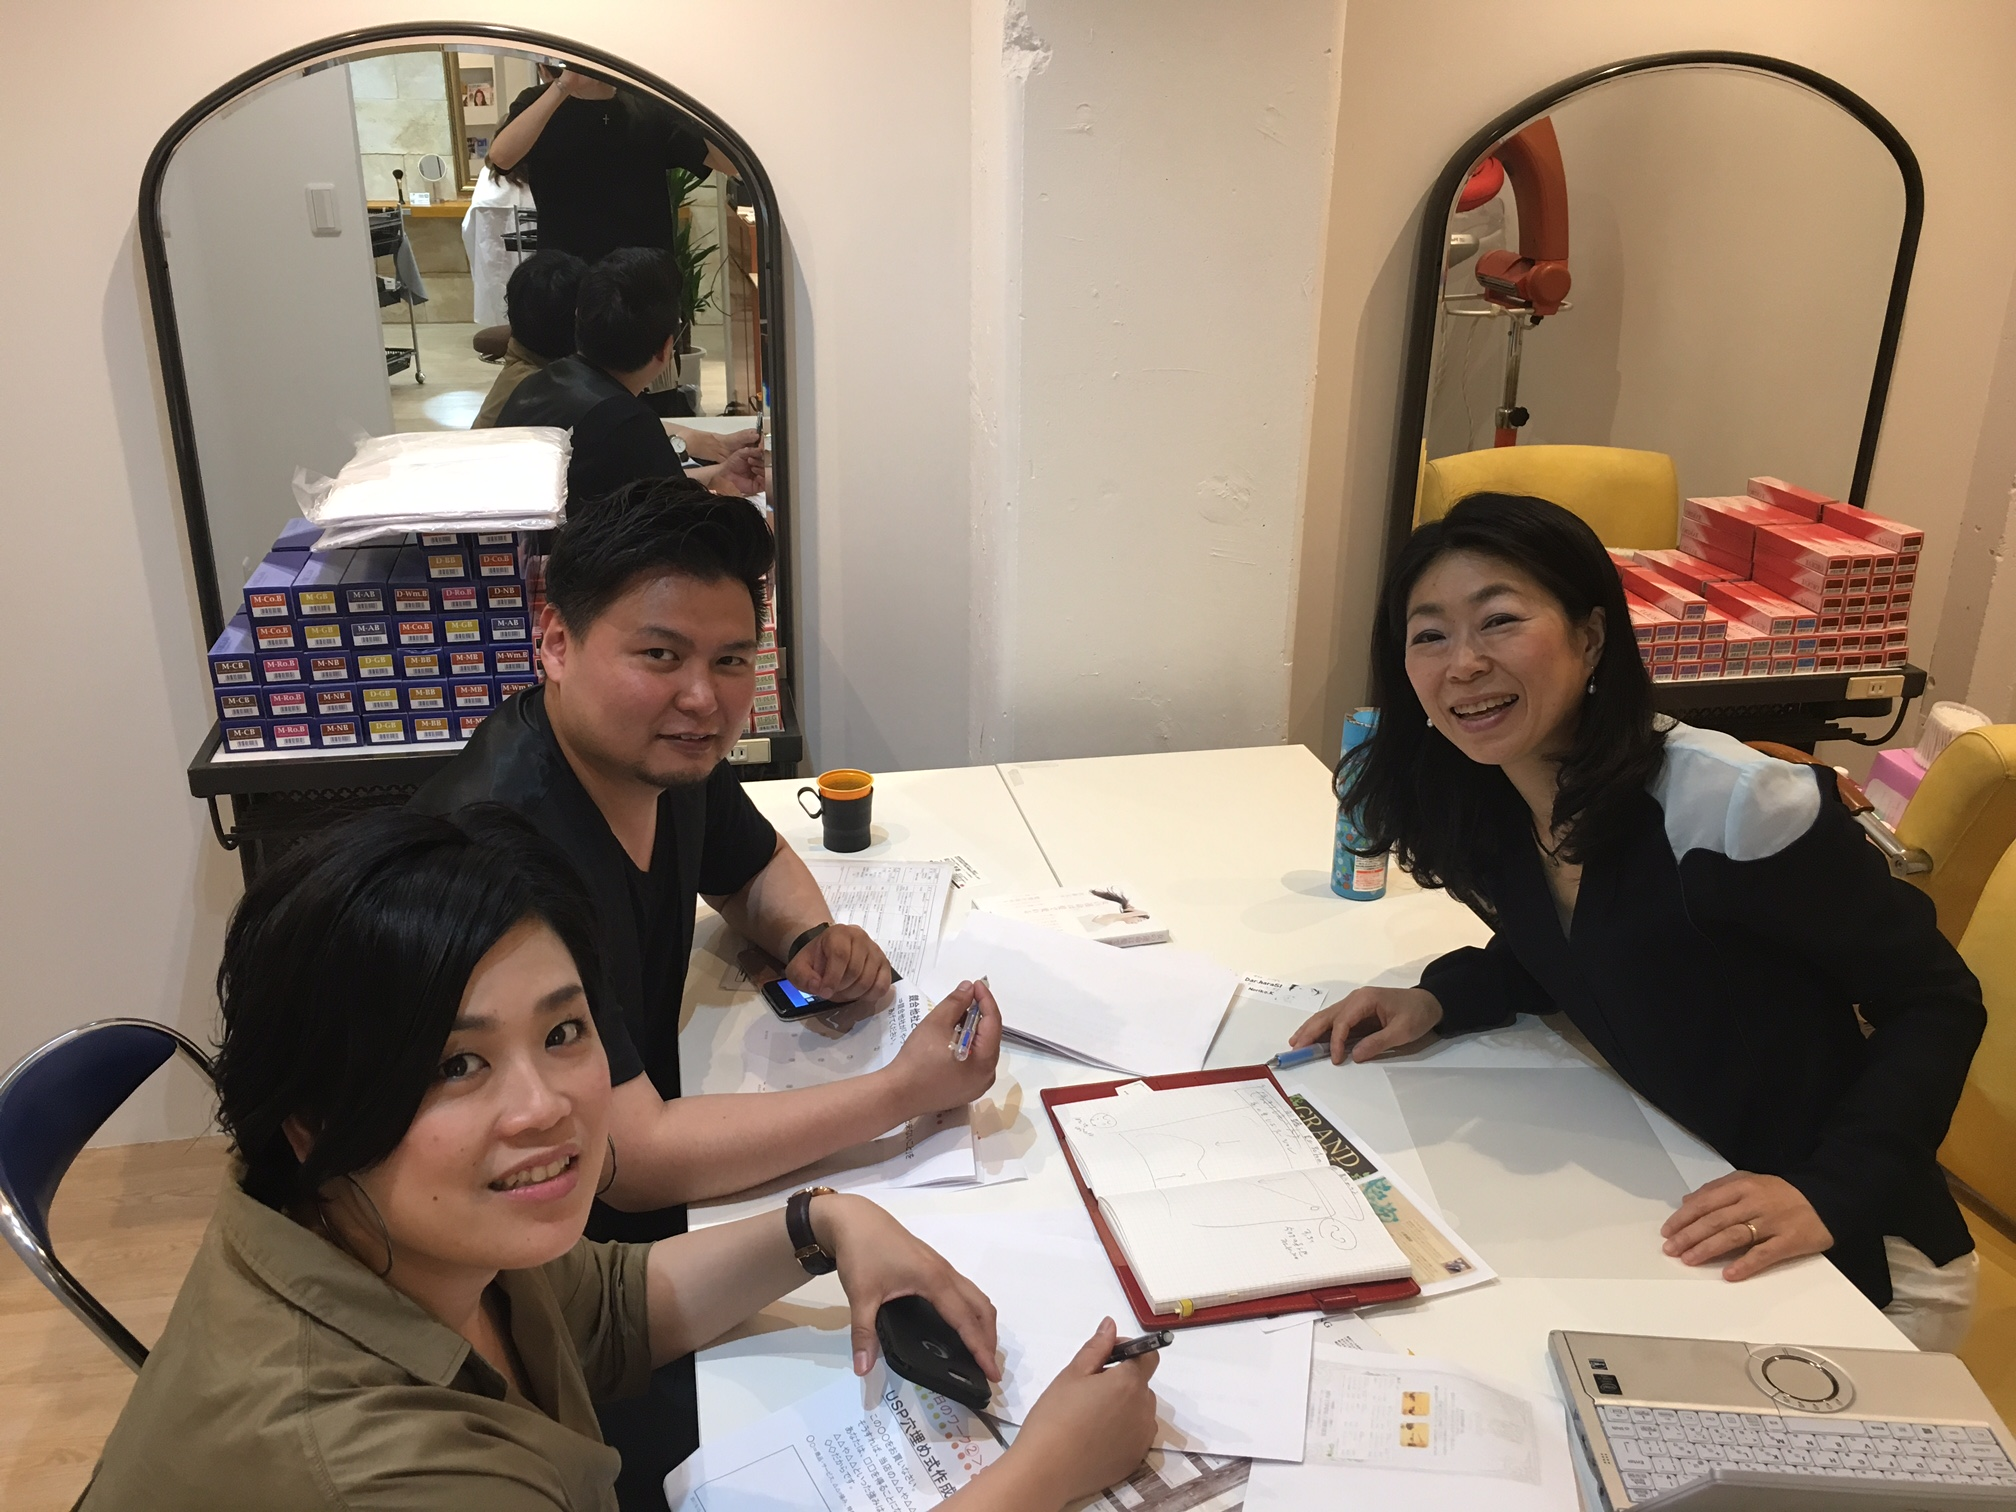 美容業界を俯瞰的にみたお話しができることが、和田のセミナーの強みです。 お客様ときらきらした関係づくりをしてゆくための、準備、楽しくしたい方とお目にかかれると嬉しいです。